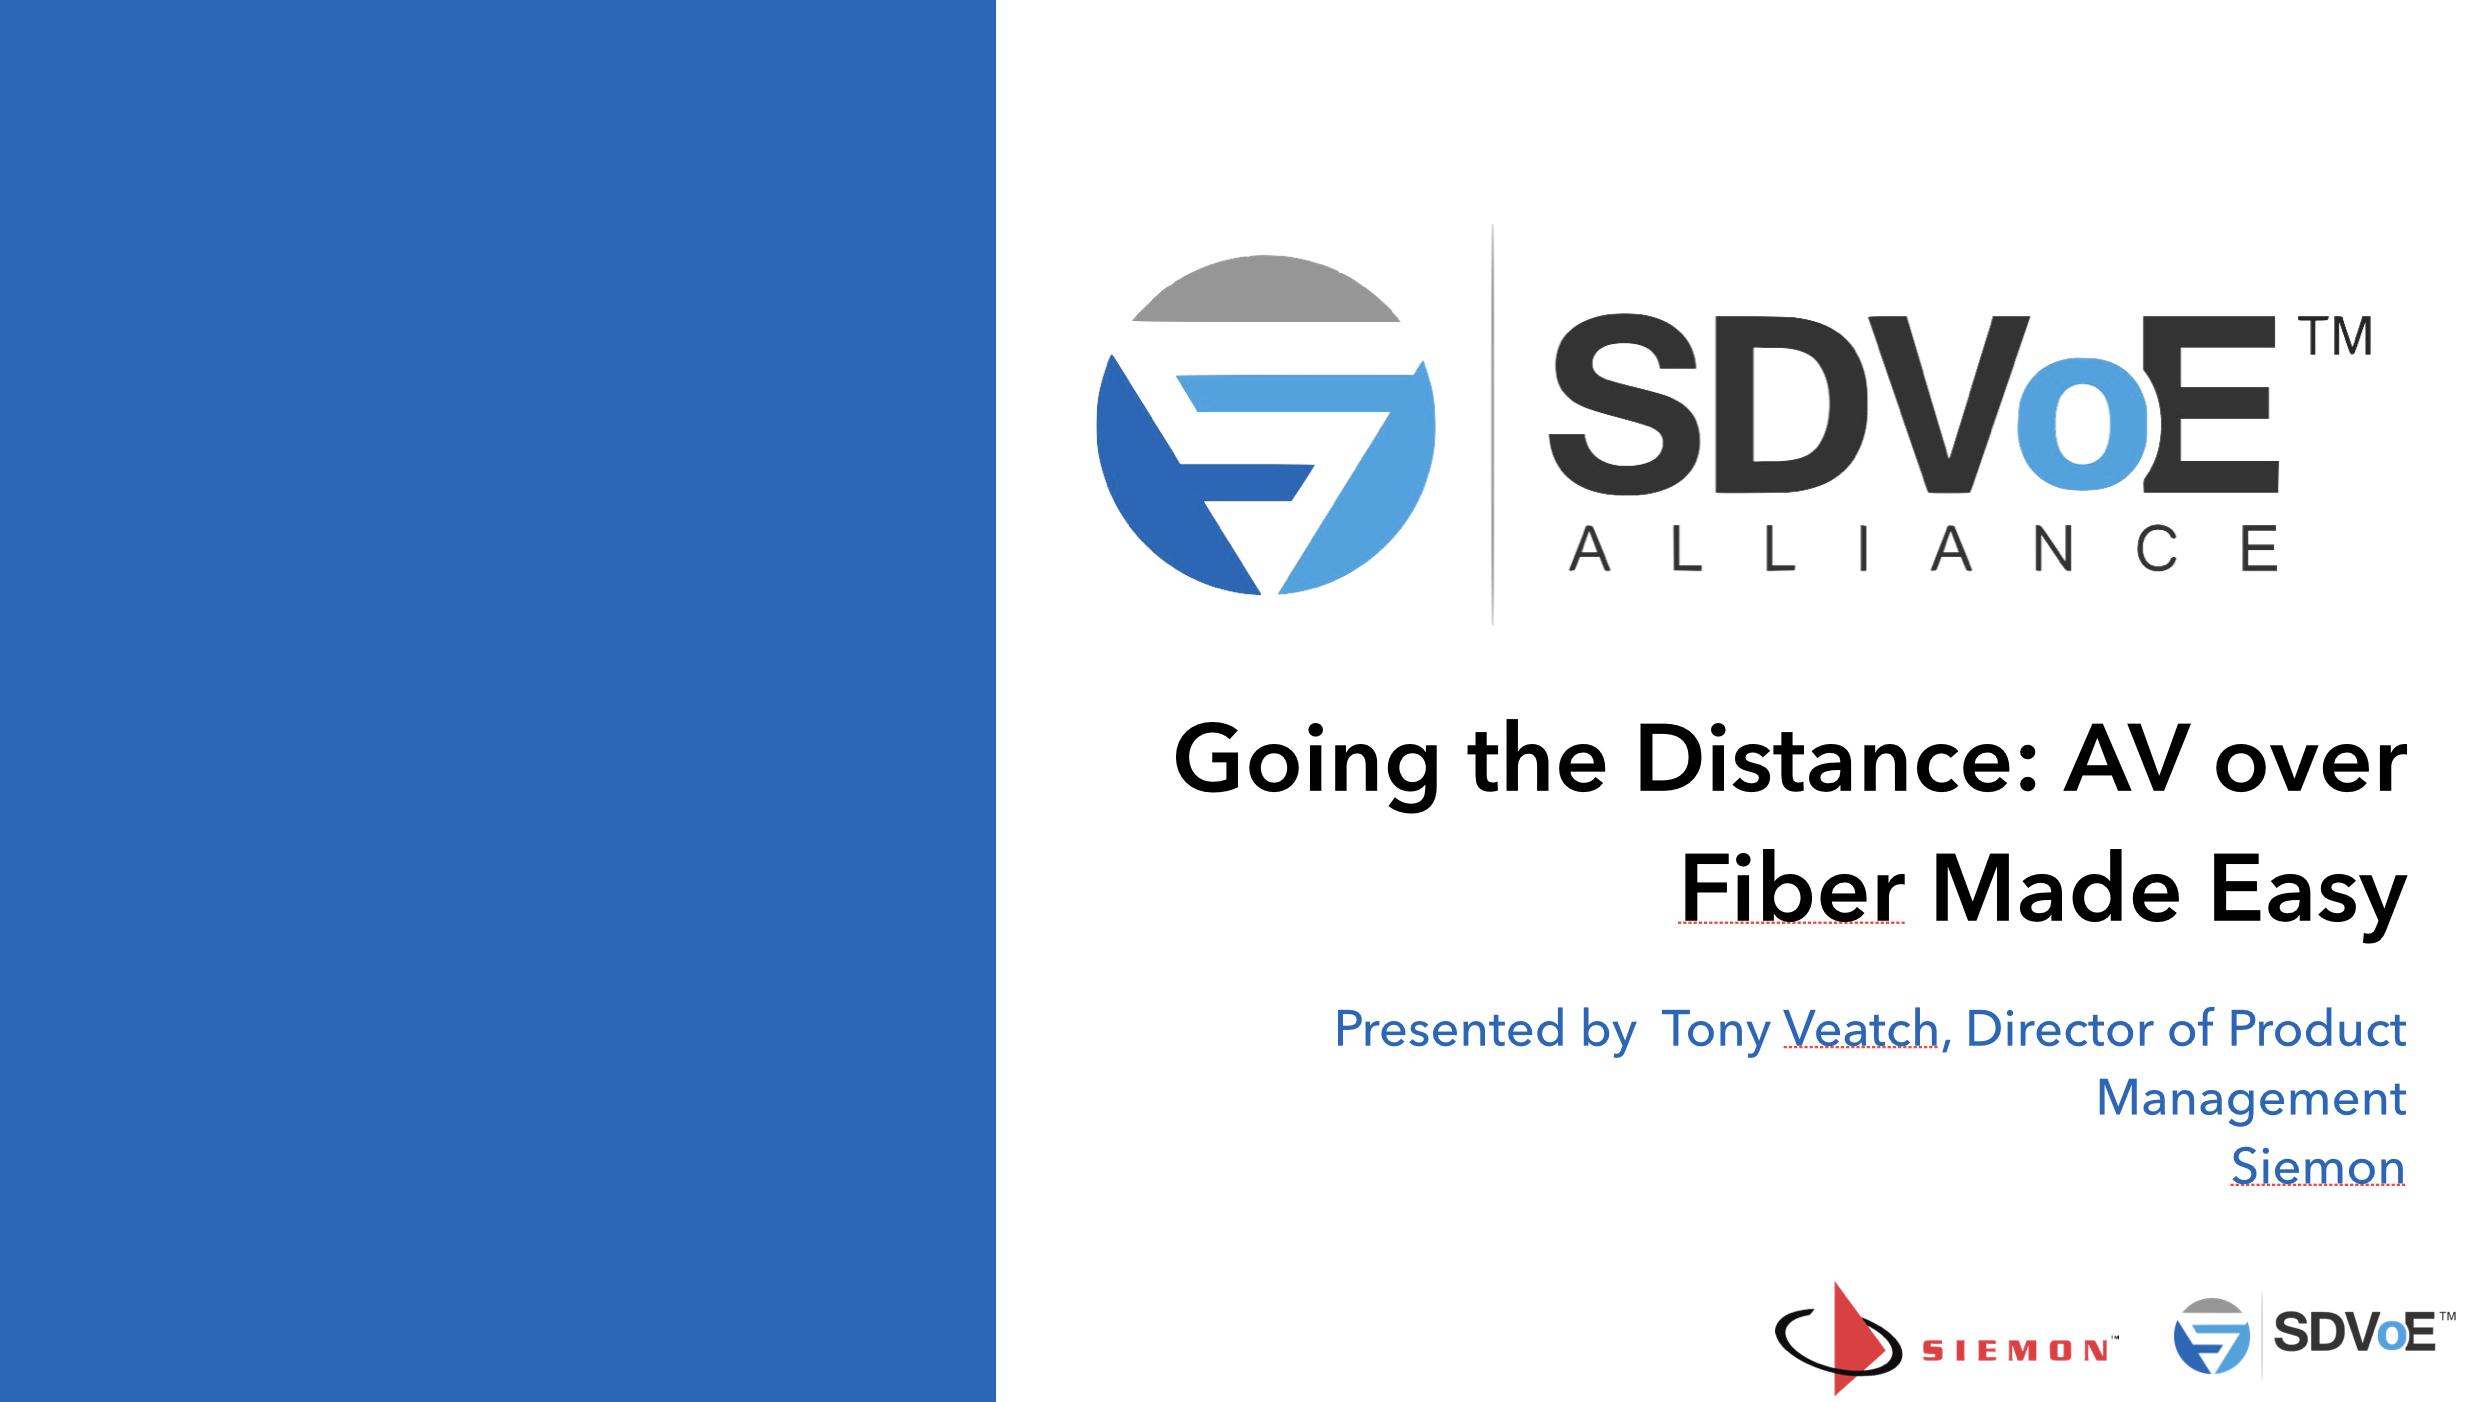 Going The Distance - AV Over Fiber Made Easy